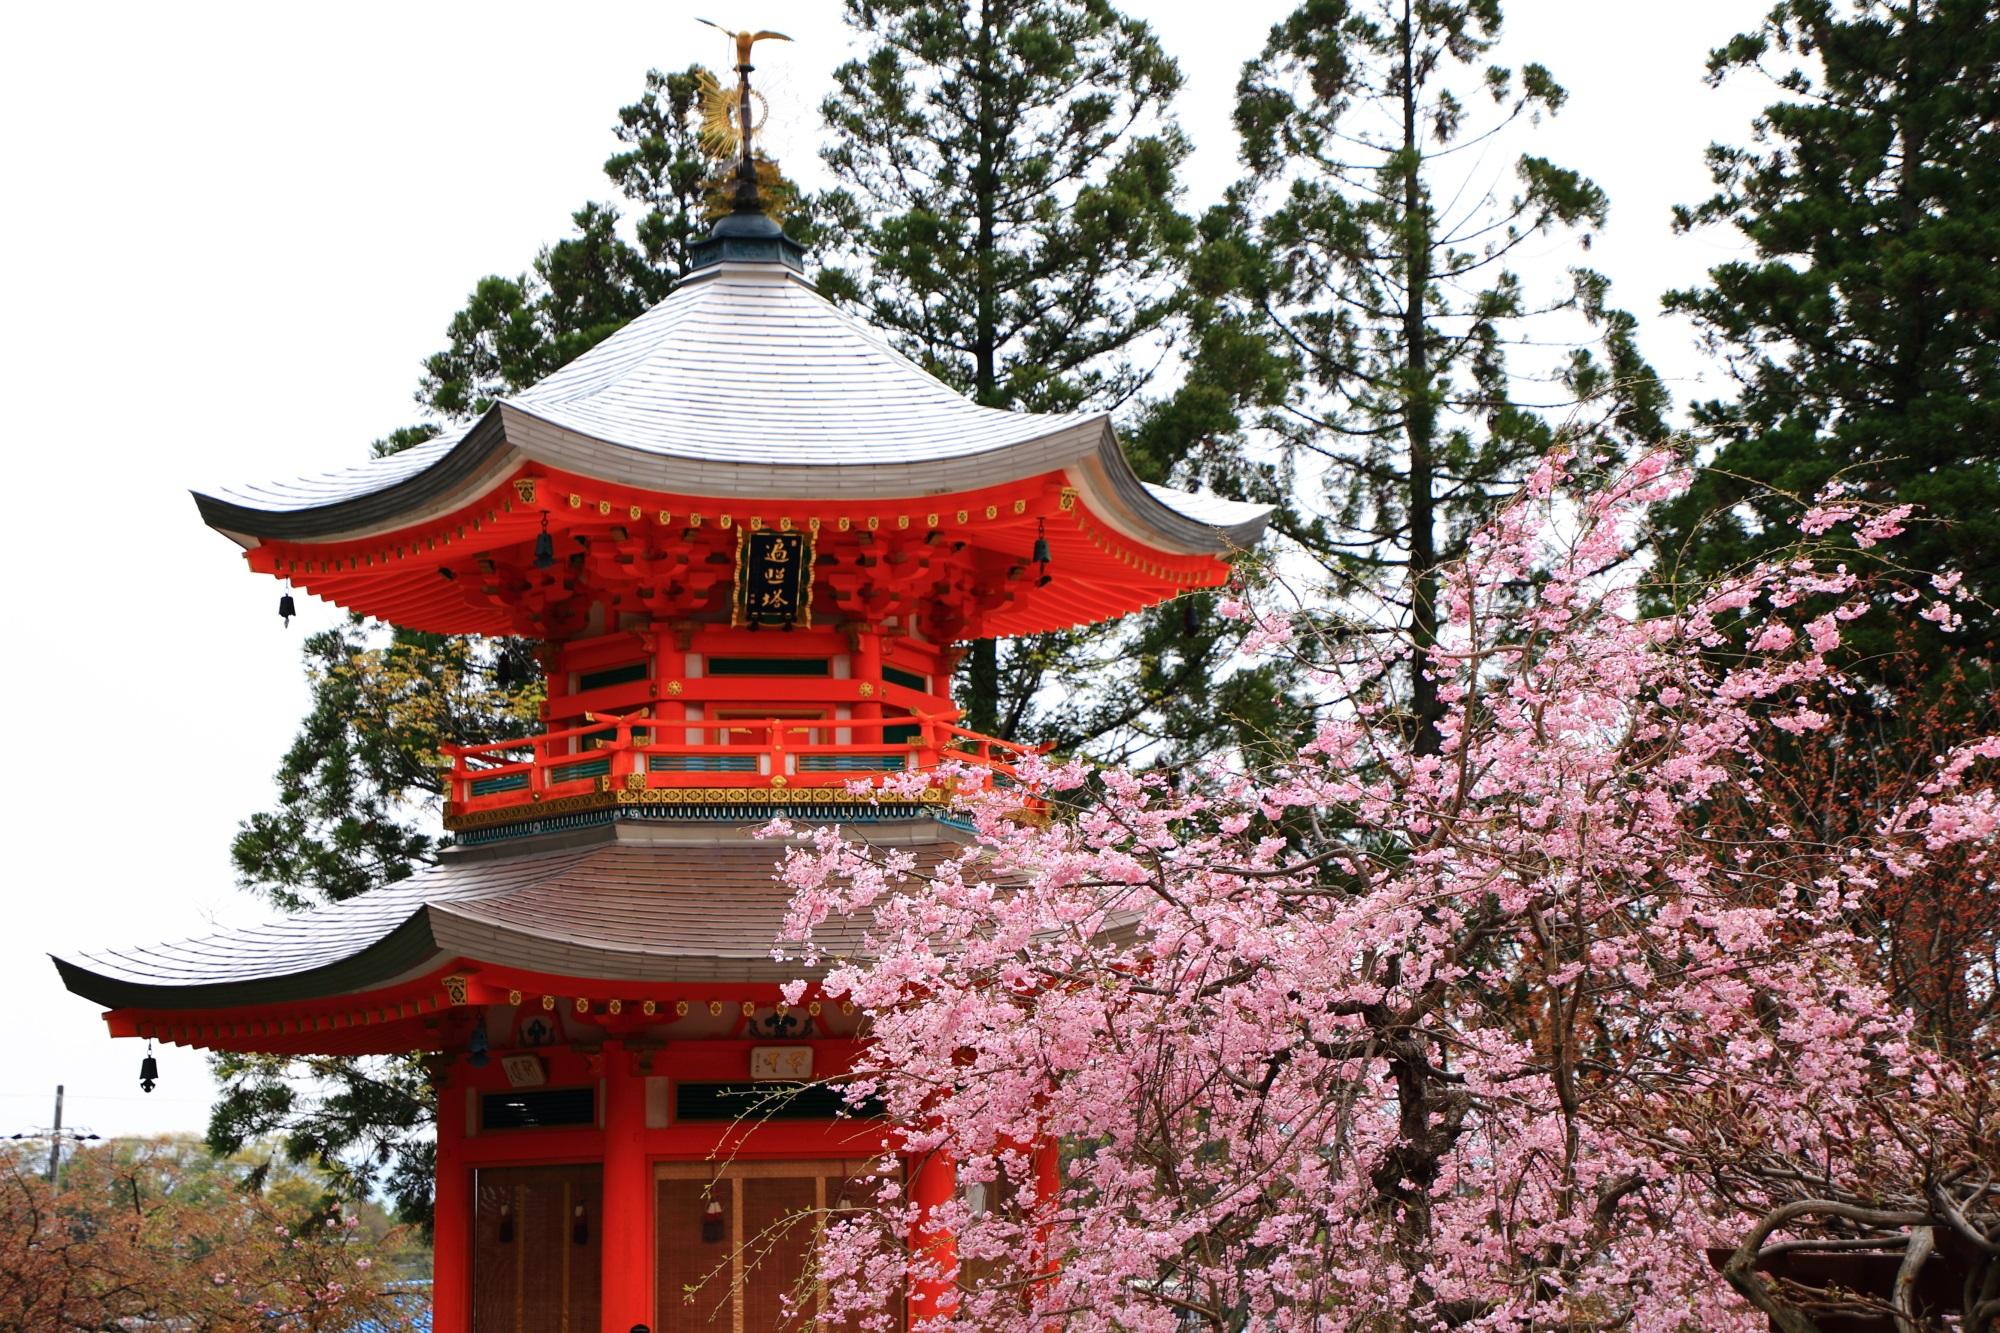 満開のしだれ桜に彩られた上品な遍照塔